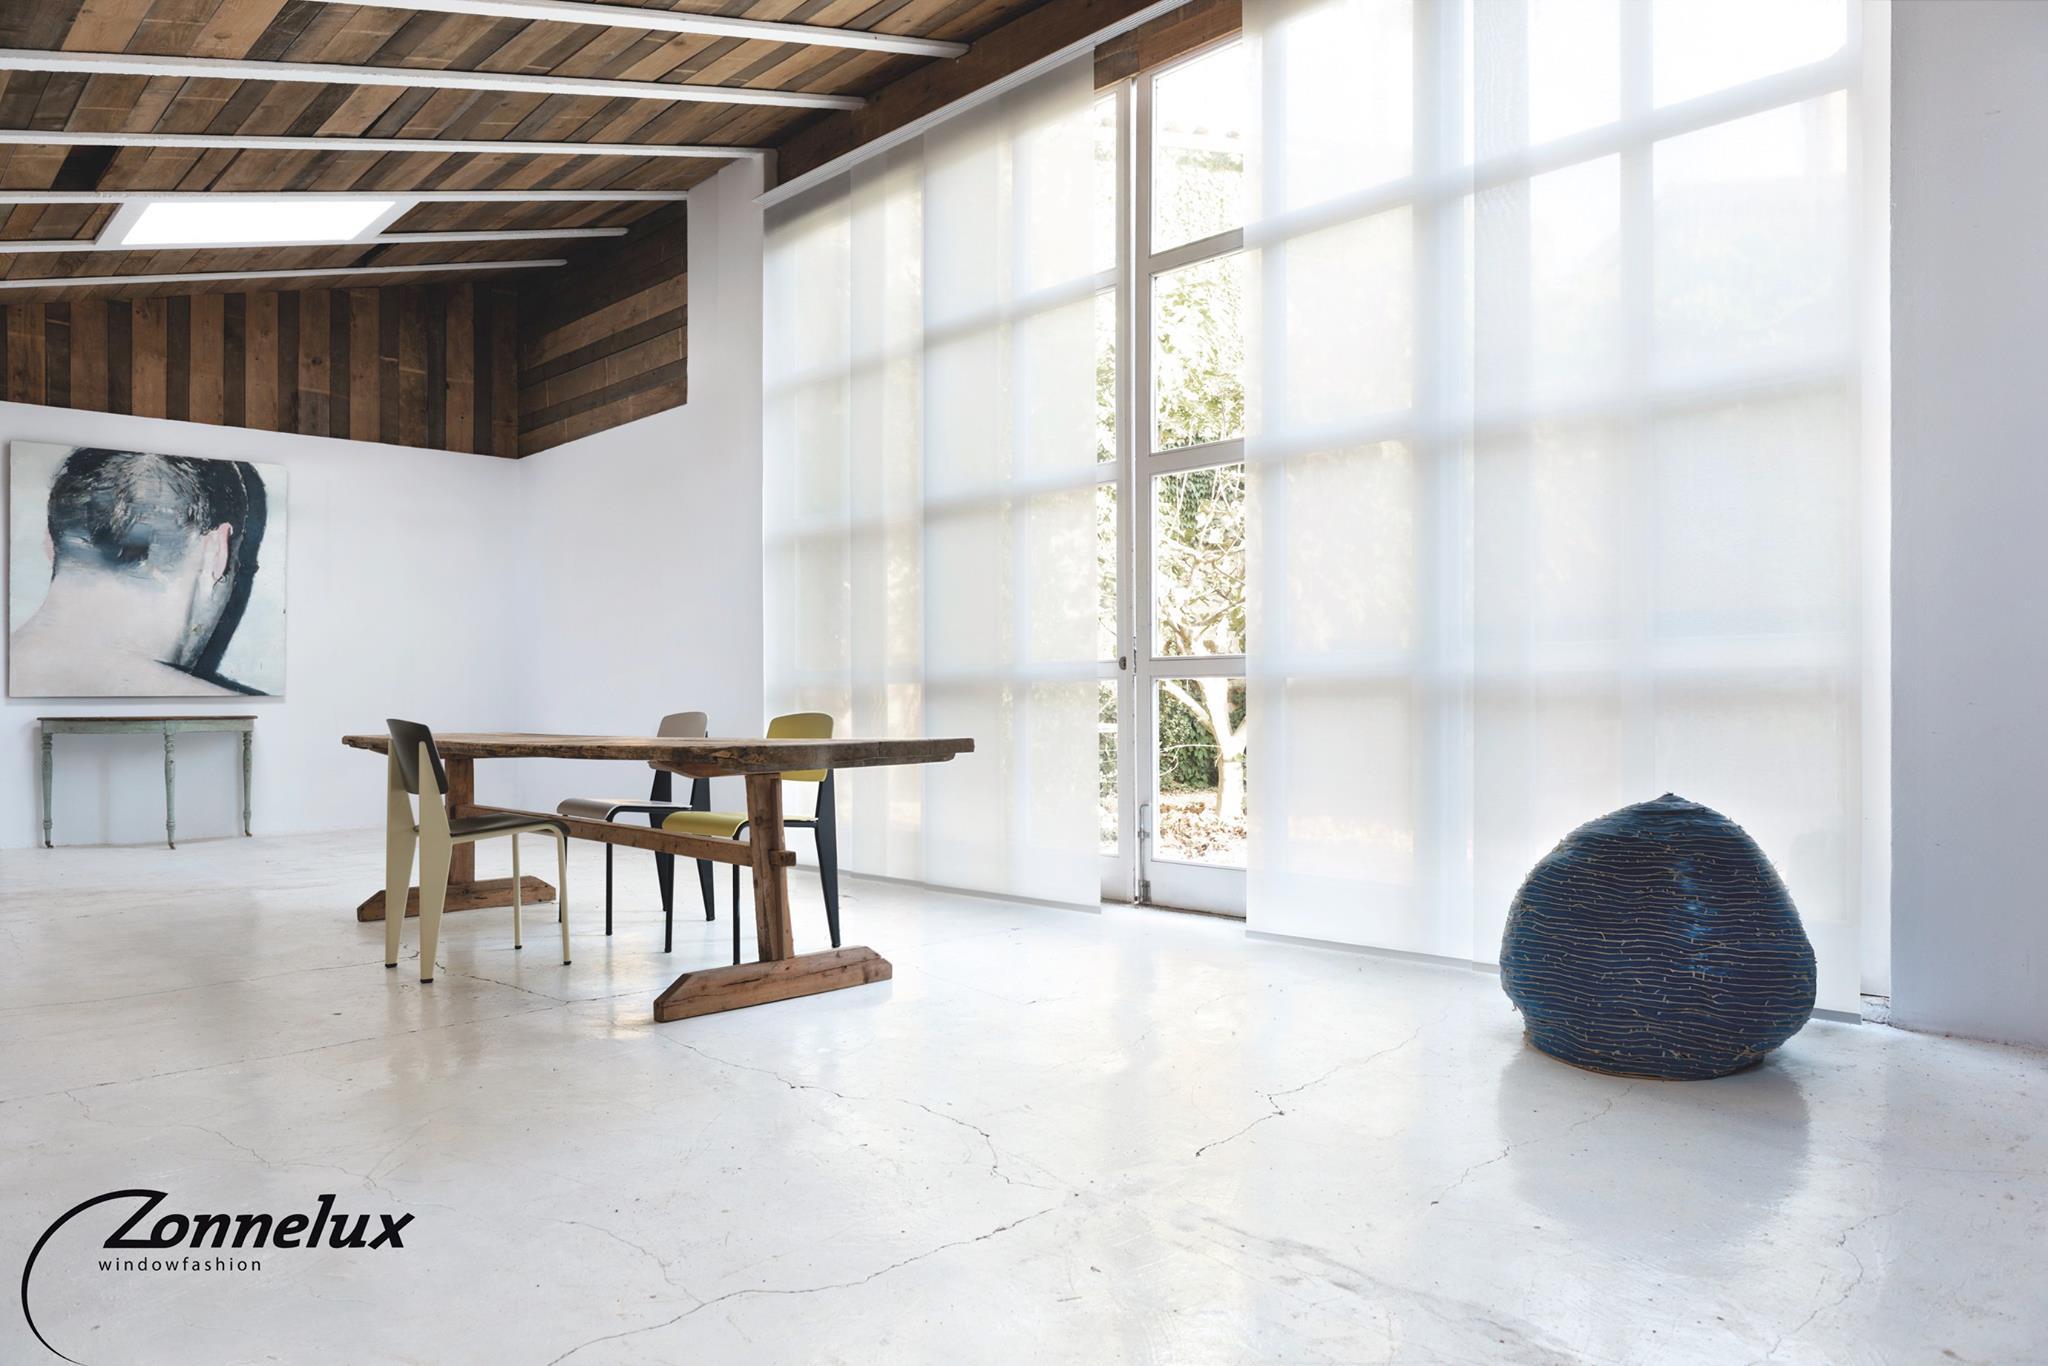 geliefde 9 x raambekleding voor je woonkamer maison belle interieuradvies rb11